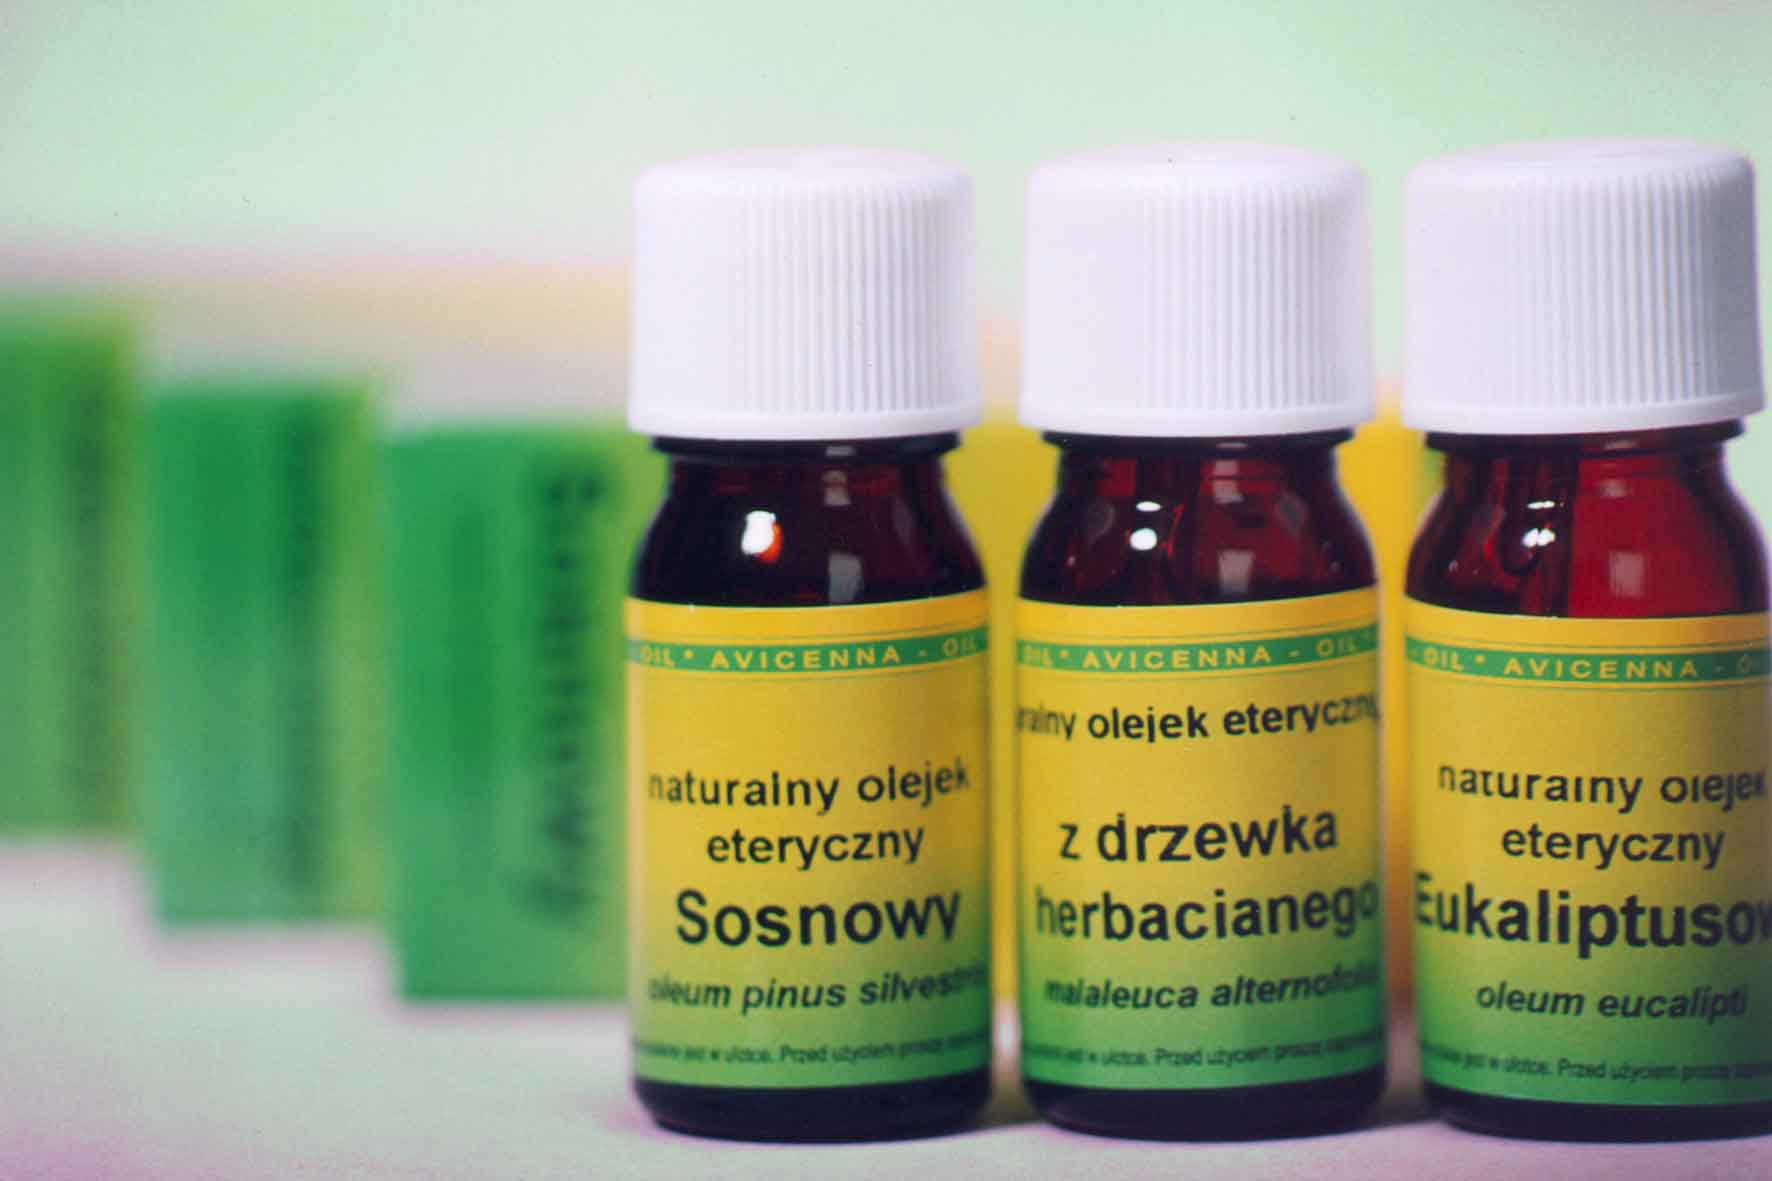 Olejek z drzewka herbacianego